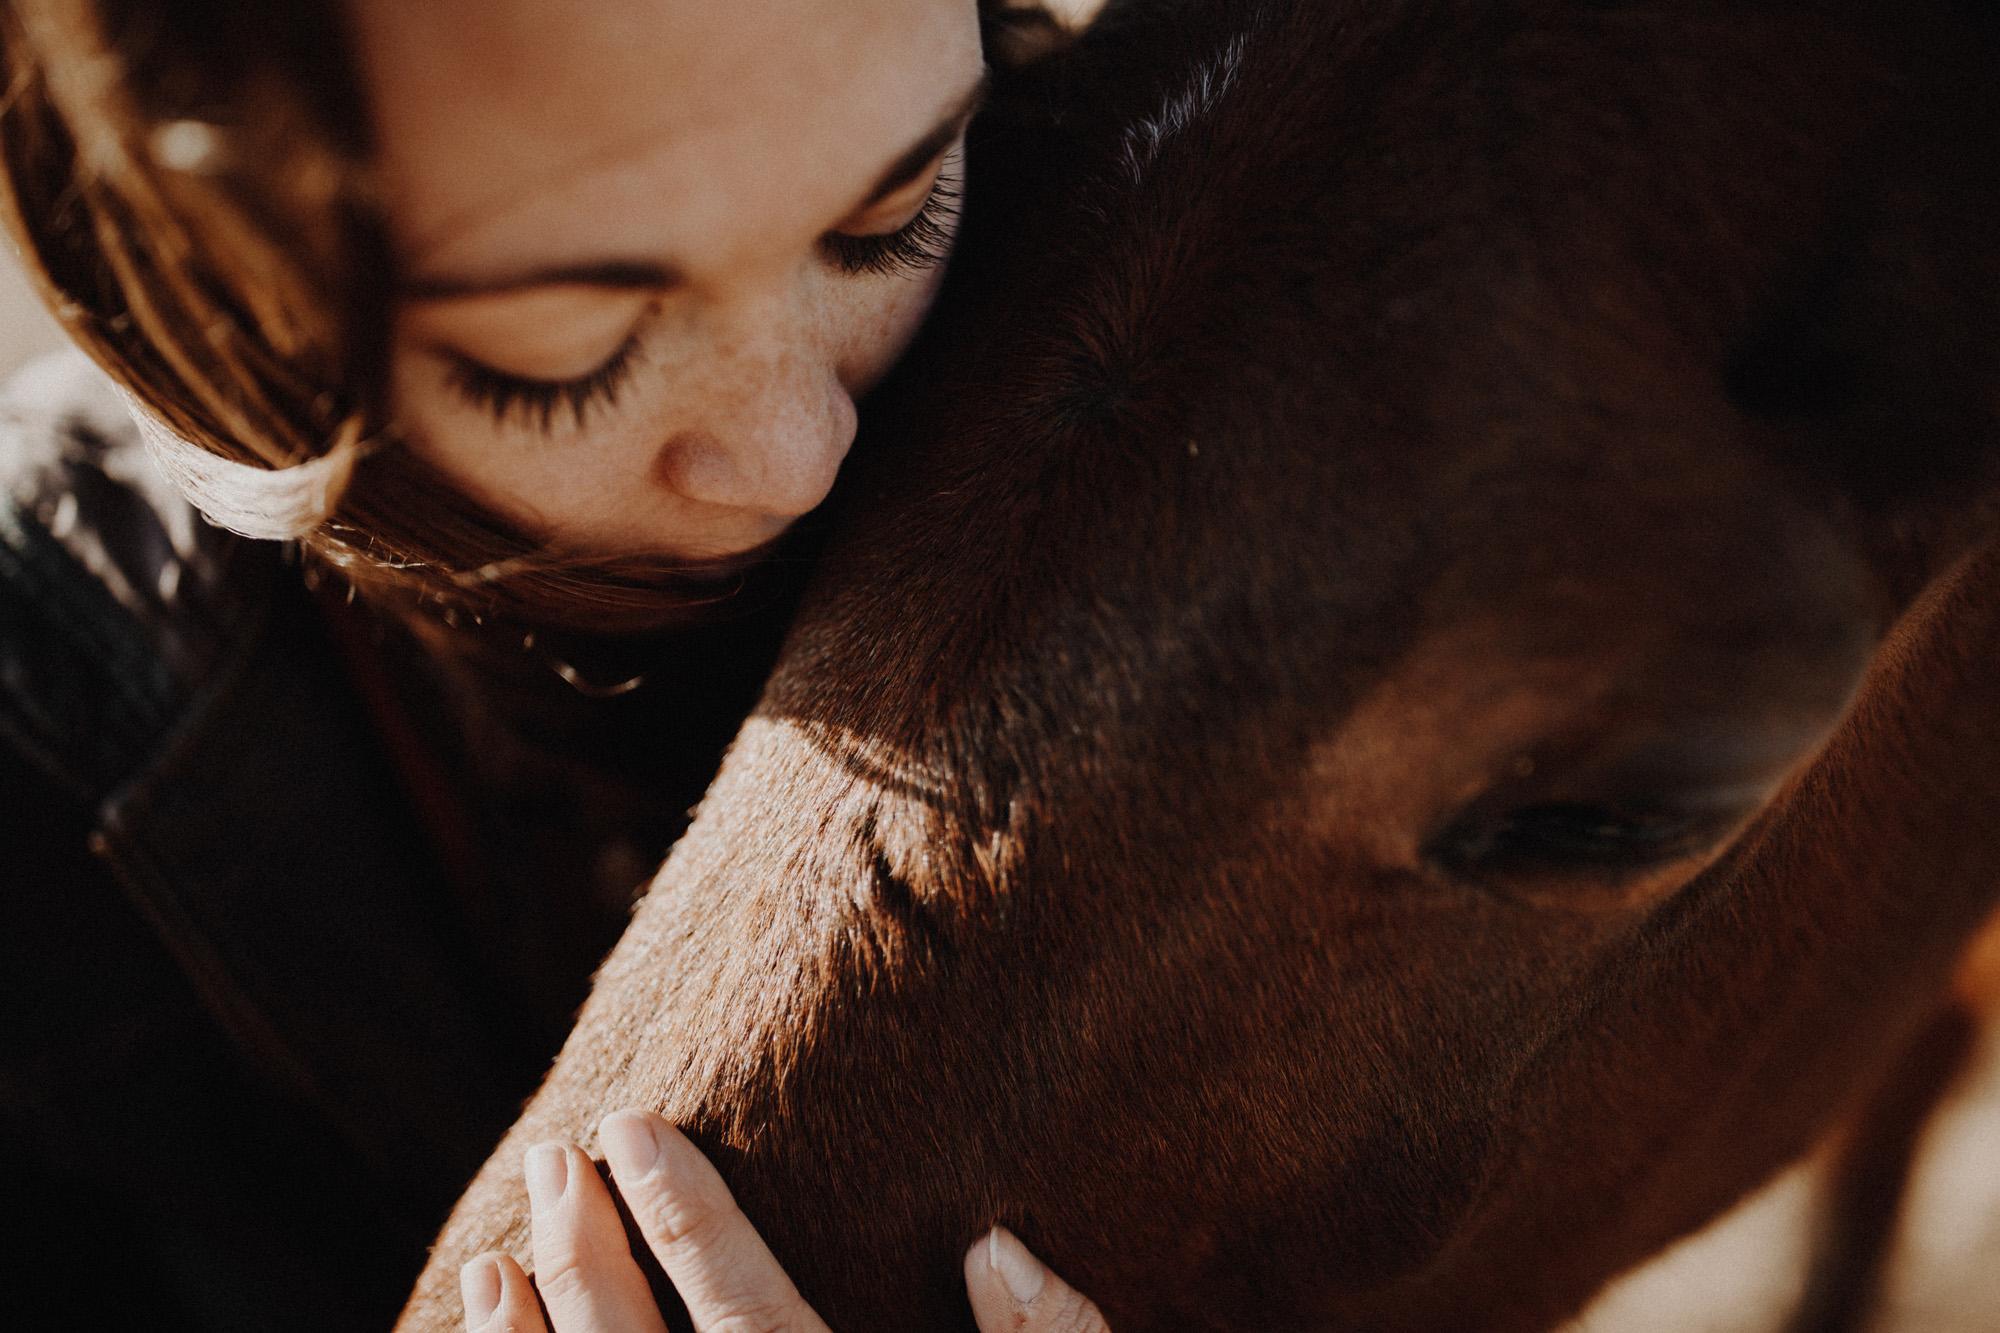 alec_vanderboom_horses_online-0006.jpg